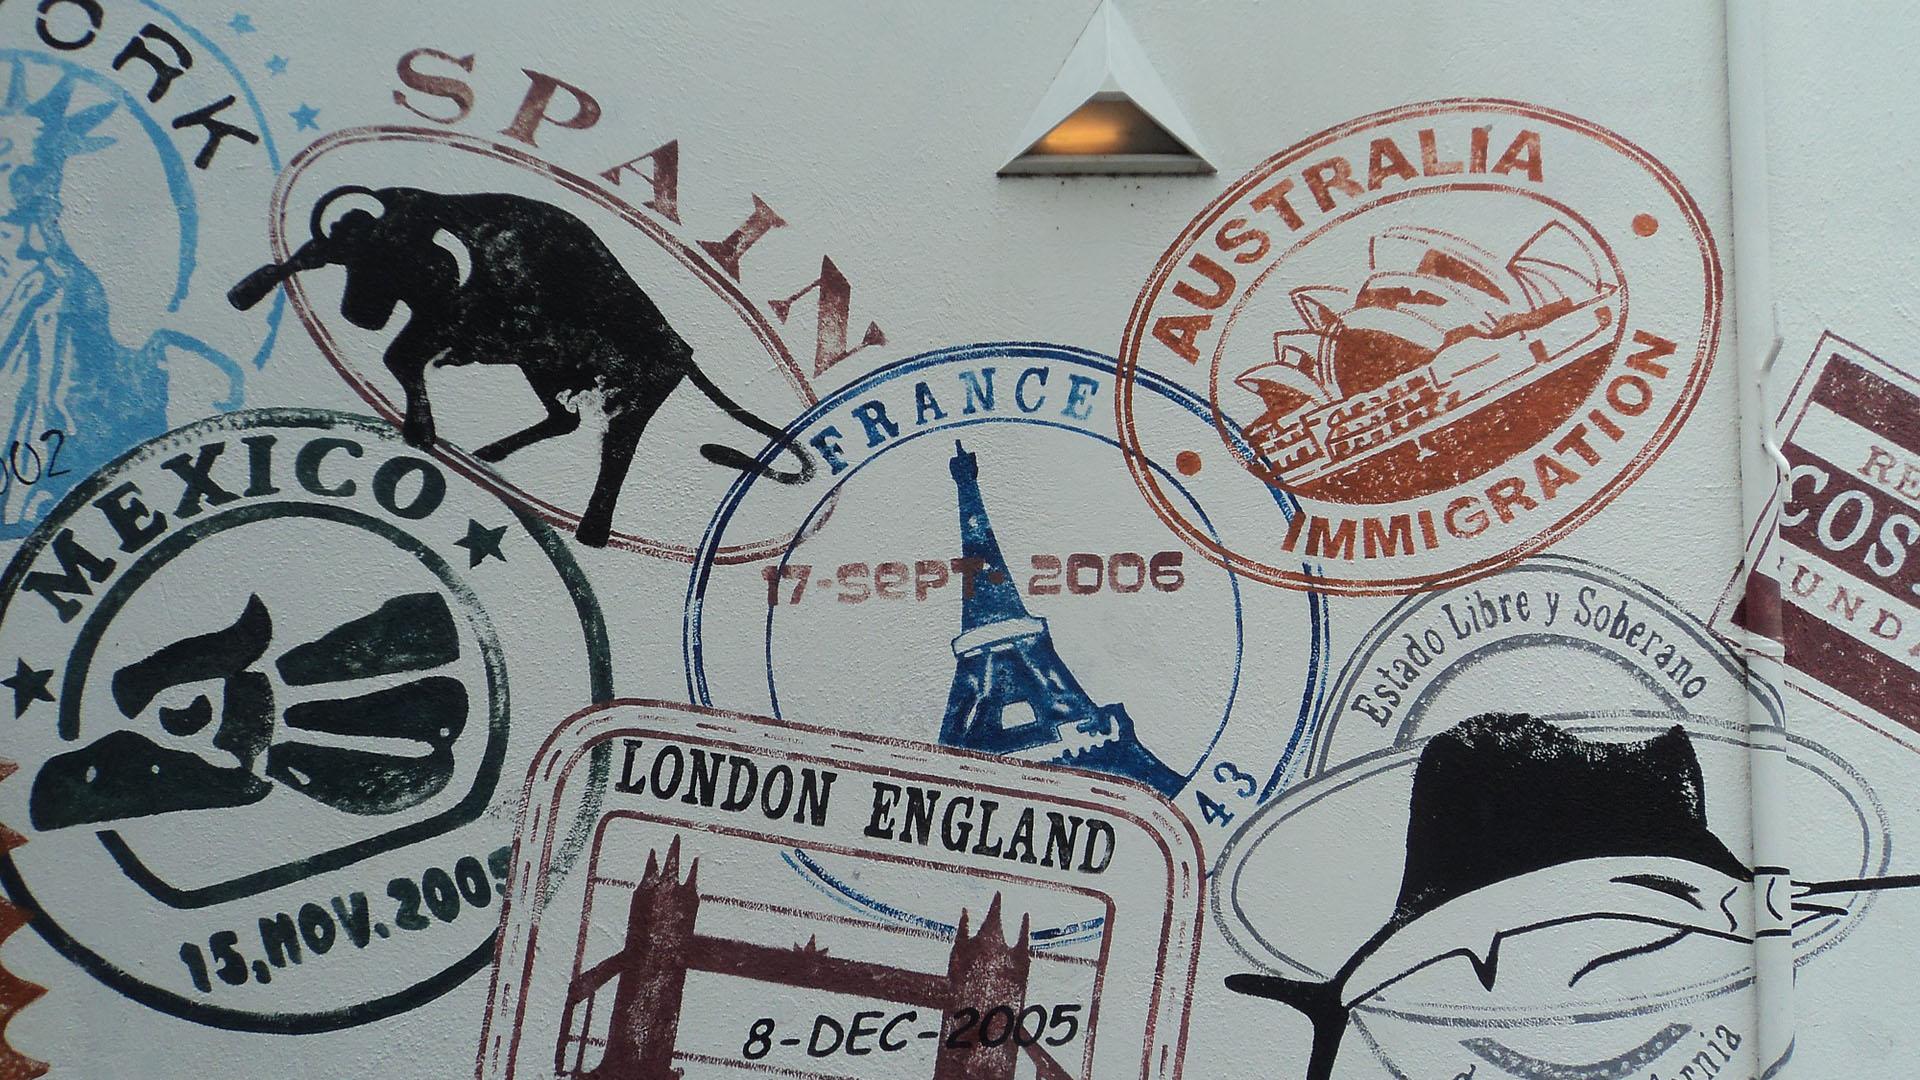 Além de apaixonados por viagens, muito turistas são verdadeiros colecionadores de carimbos em seus passaportes e para eles quanto mais inusitado melhor.